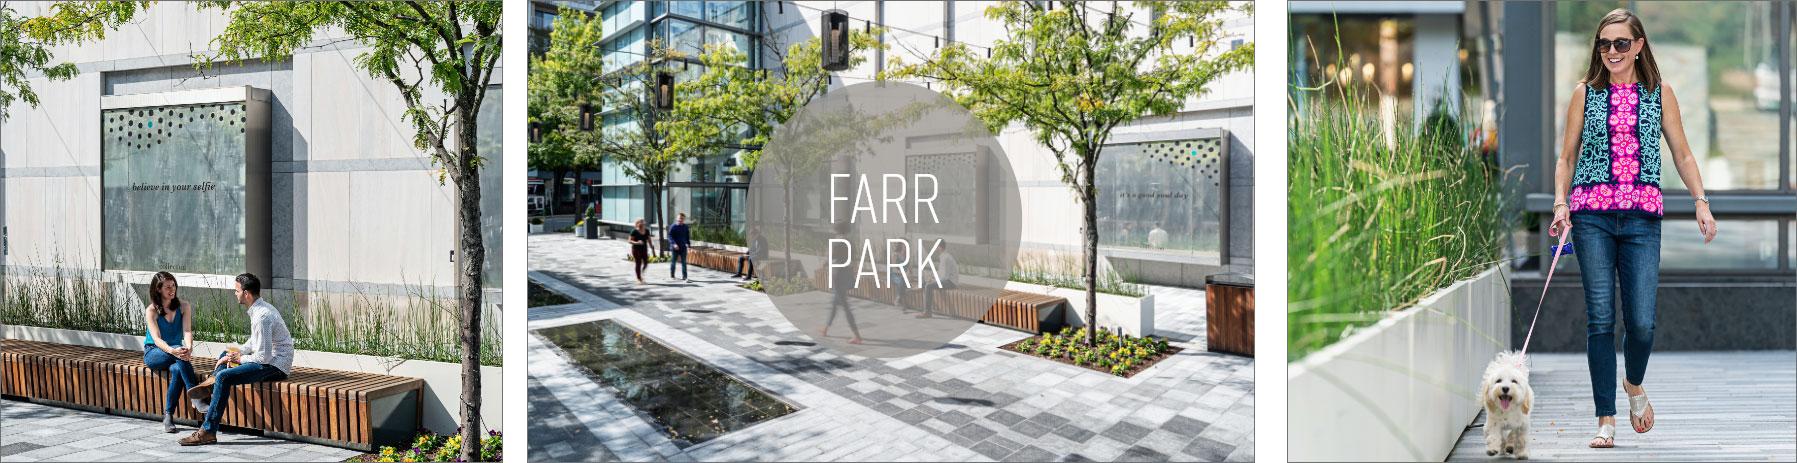 Farr Park images